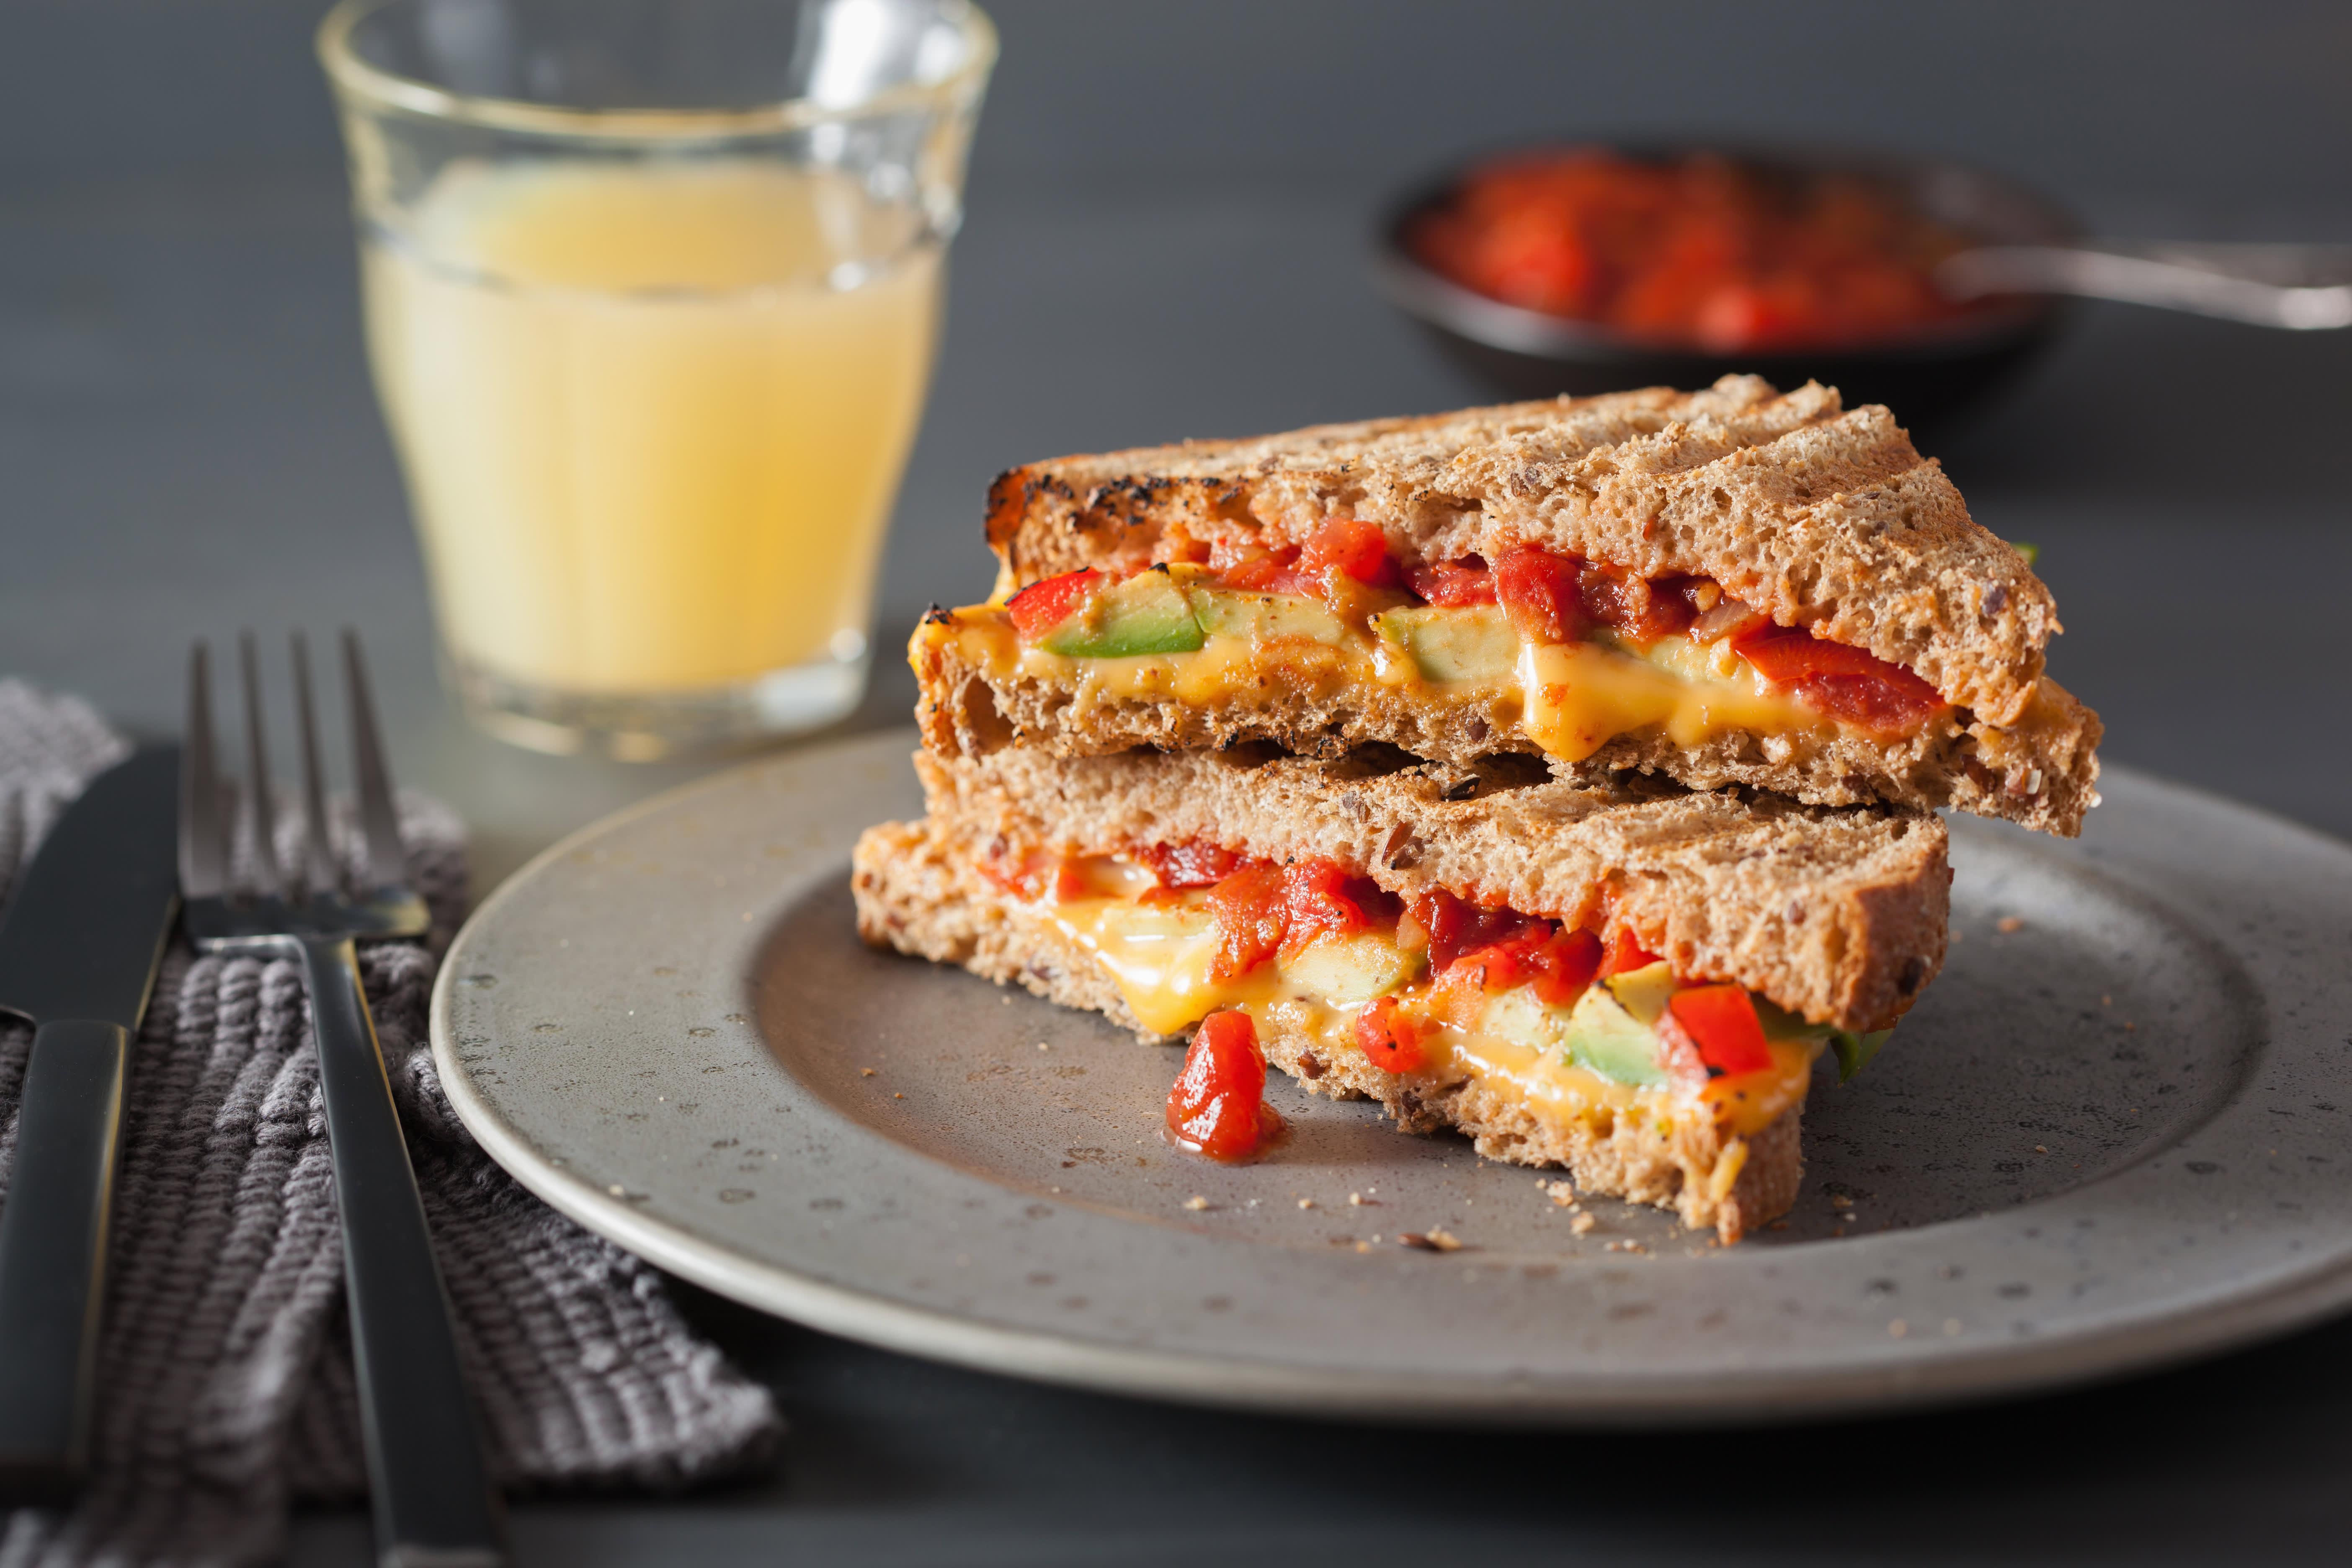 Mild og snill kylling fra Synnøve og salsa er en god kombinasjon på toasten.